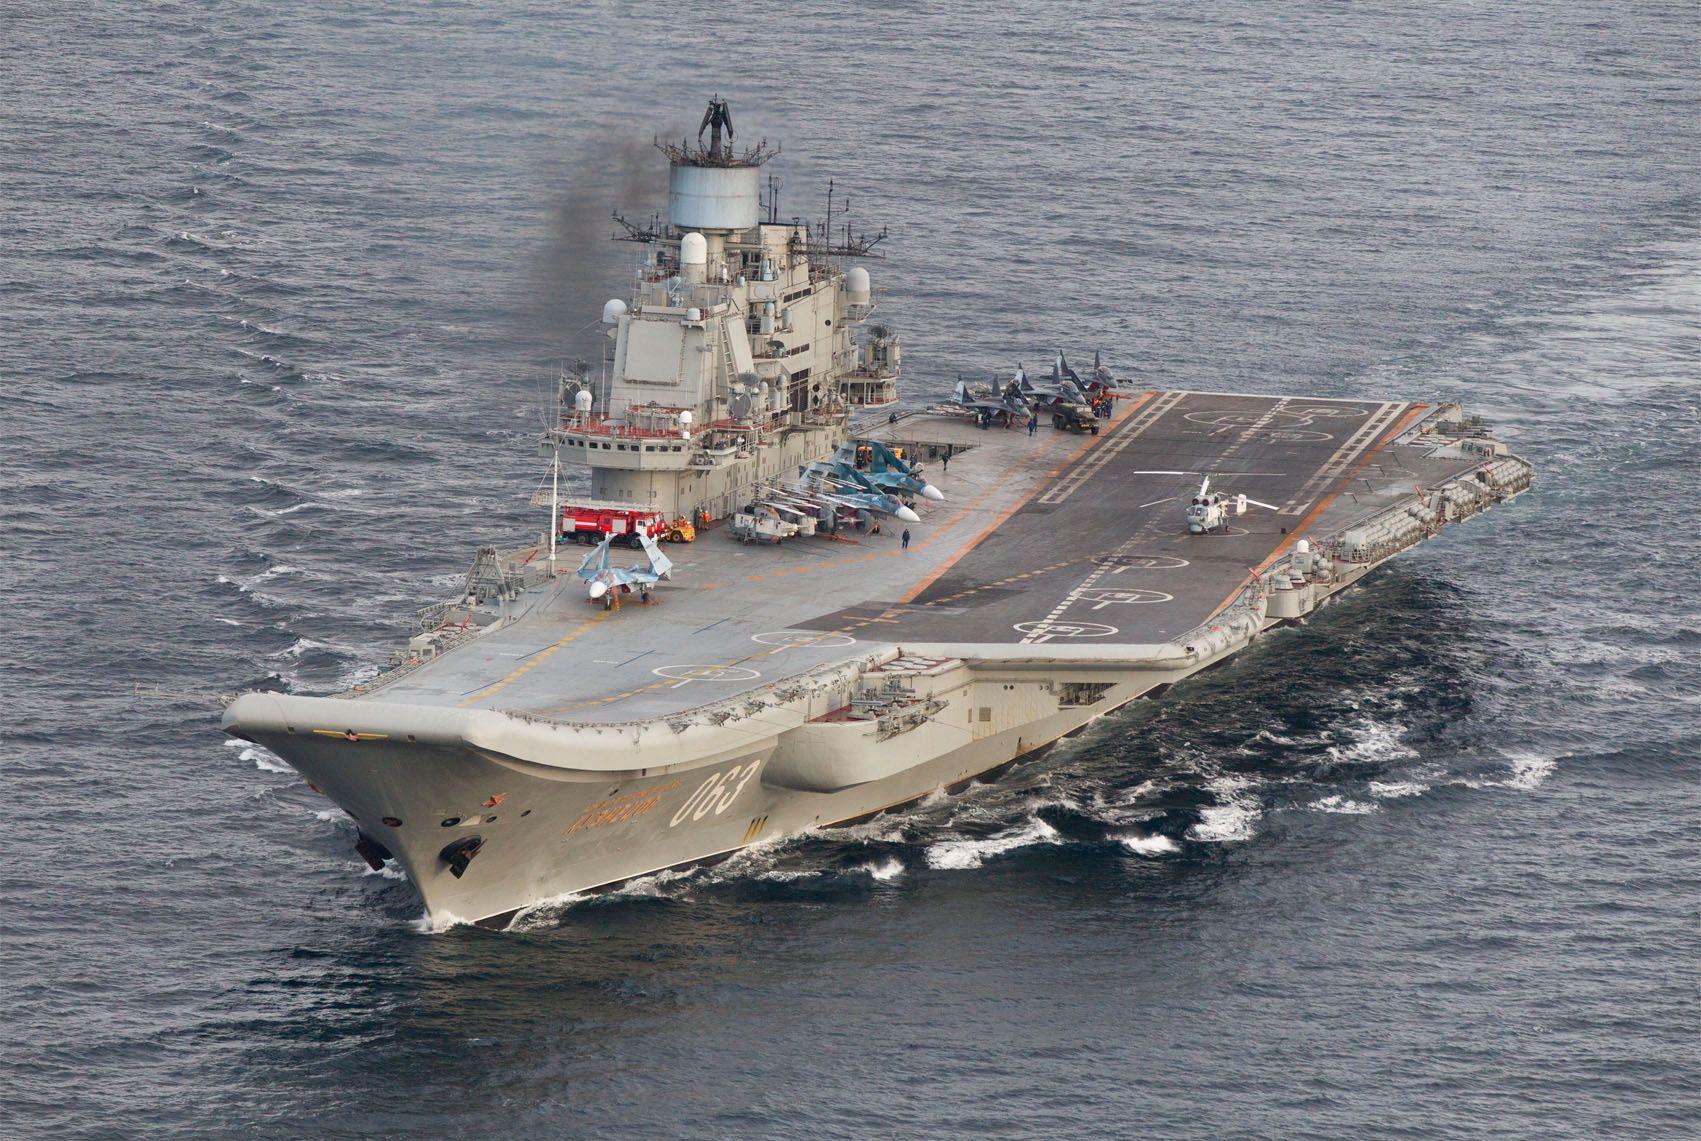 UTENFOR NORDLAND I KVELD: Det russiske hangarskipet «Admiral Kuznetsov», seiler sammen med syv andre fartøyer langs Norskekysten. Bildet er tatt tidligere mandag i internasjonalt farvann vest for Andøya i Nordland.